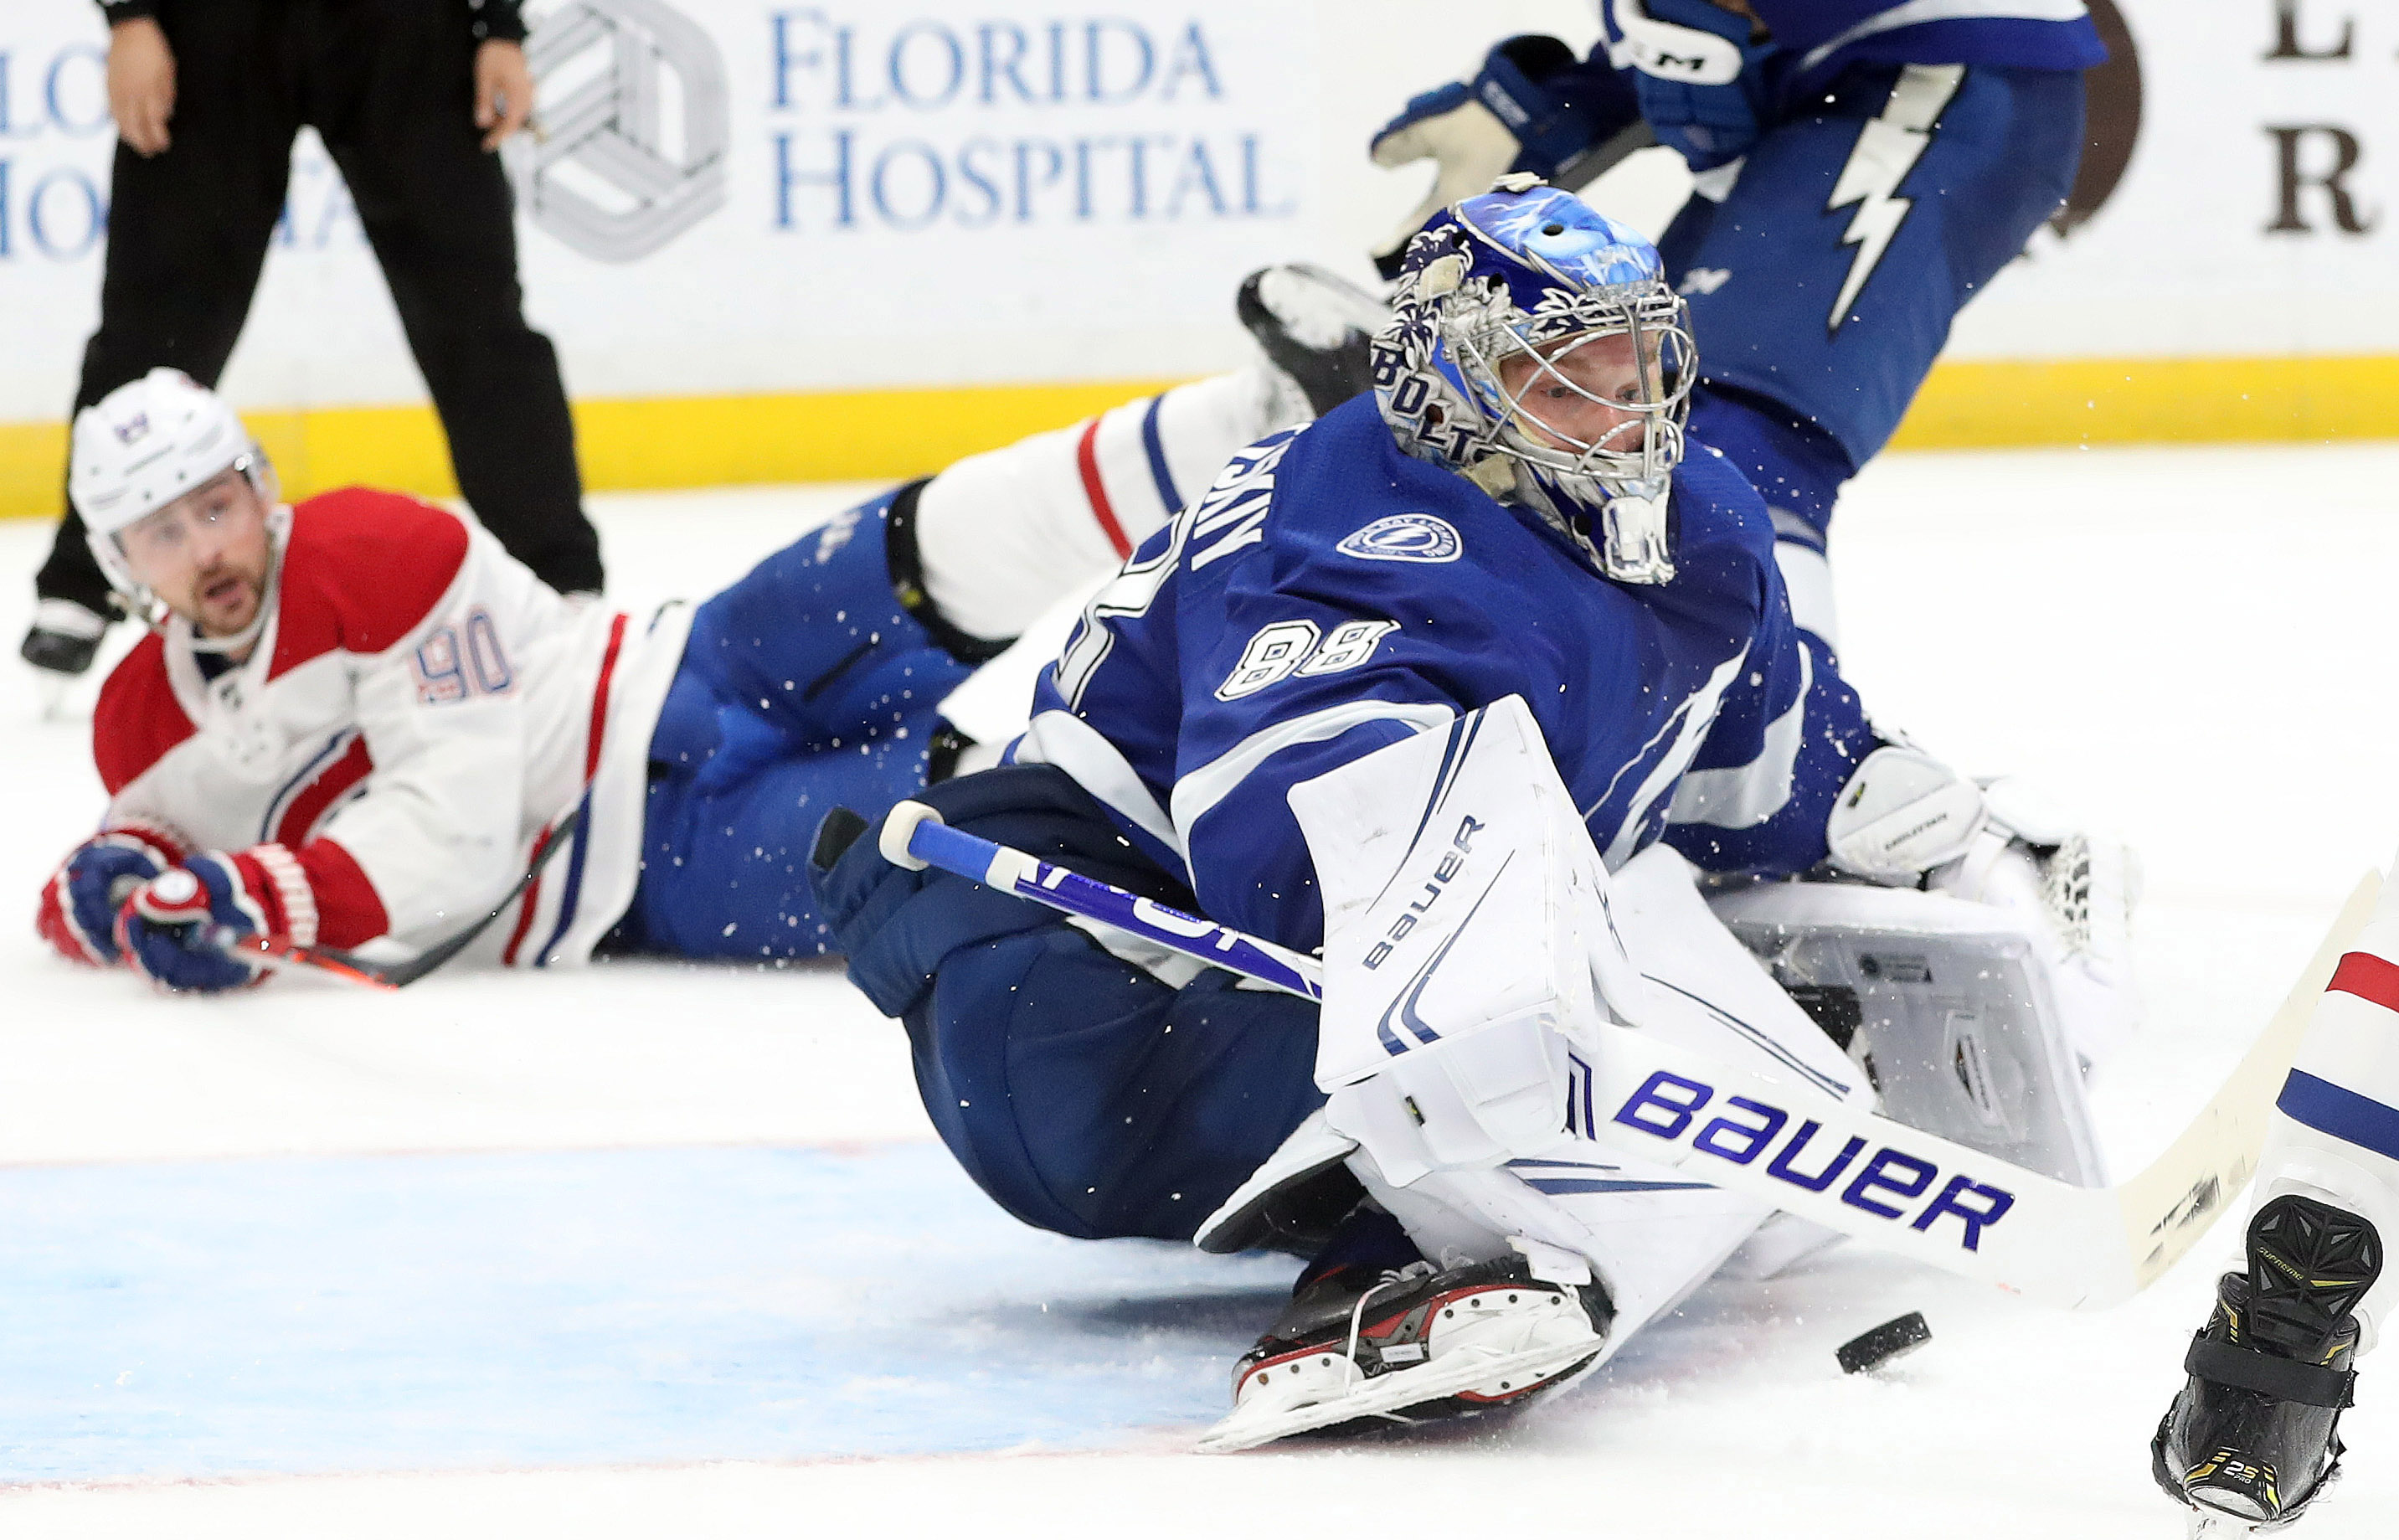 NHL: Montreal Canadiens at Tampa Bay Lightning